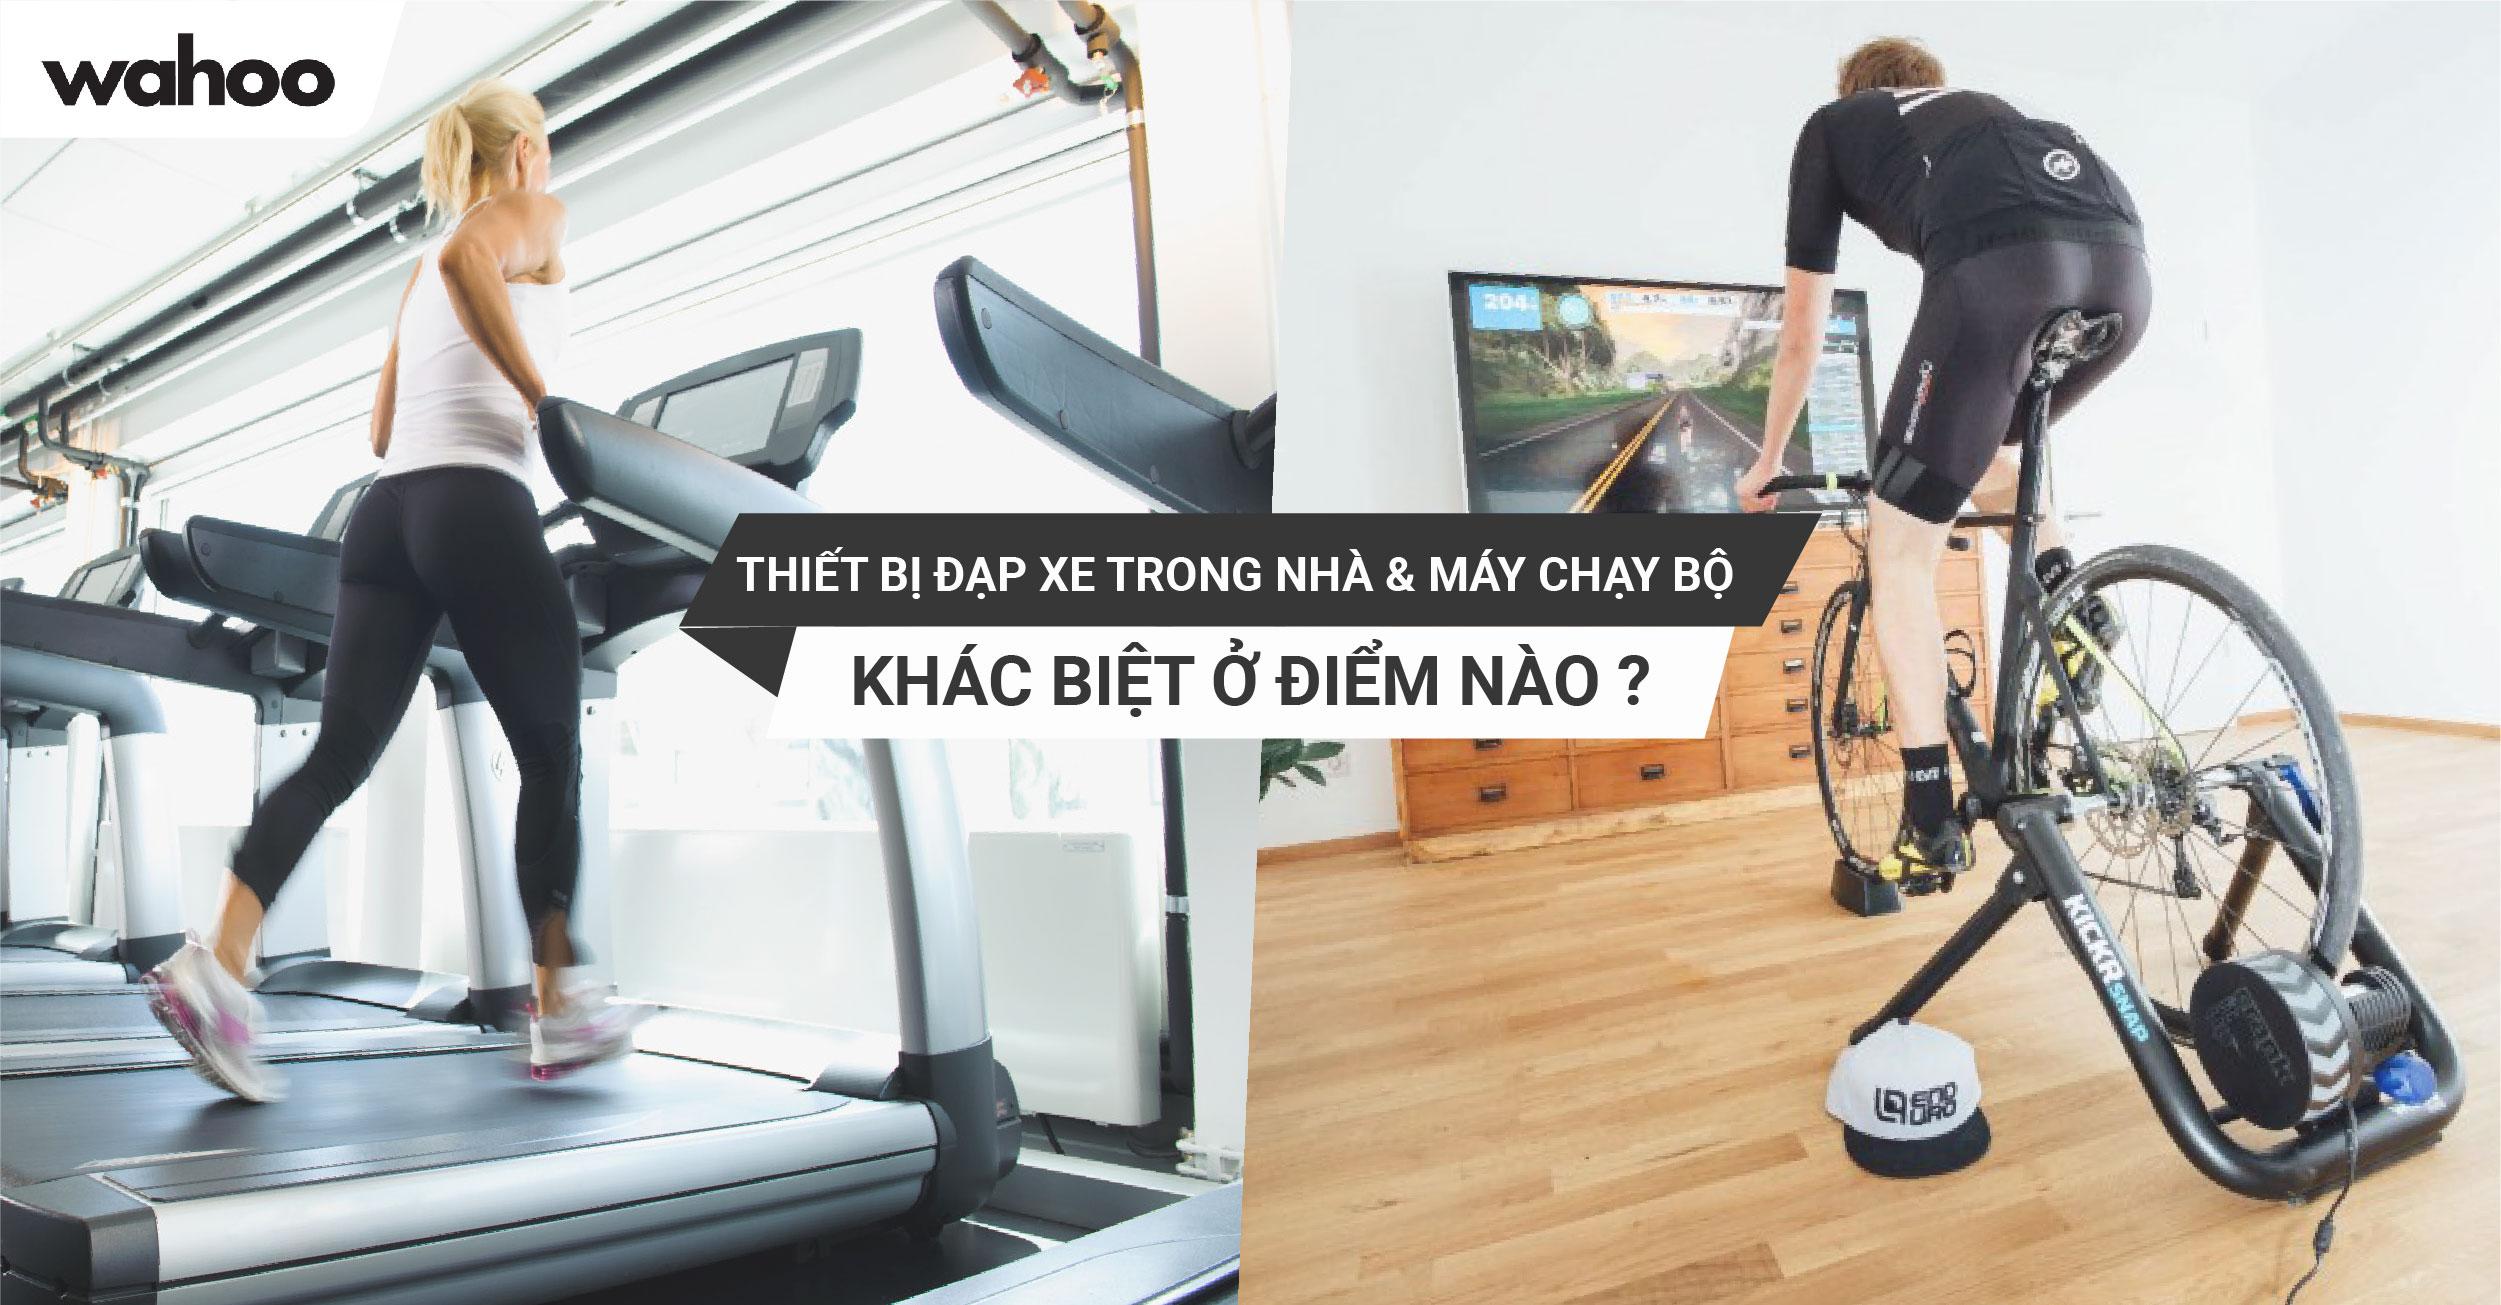 Thiết bị đạp xe trong nhà và máy chạy bộ: Đâu là sự khác biệt?